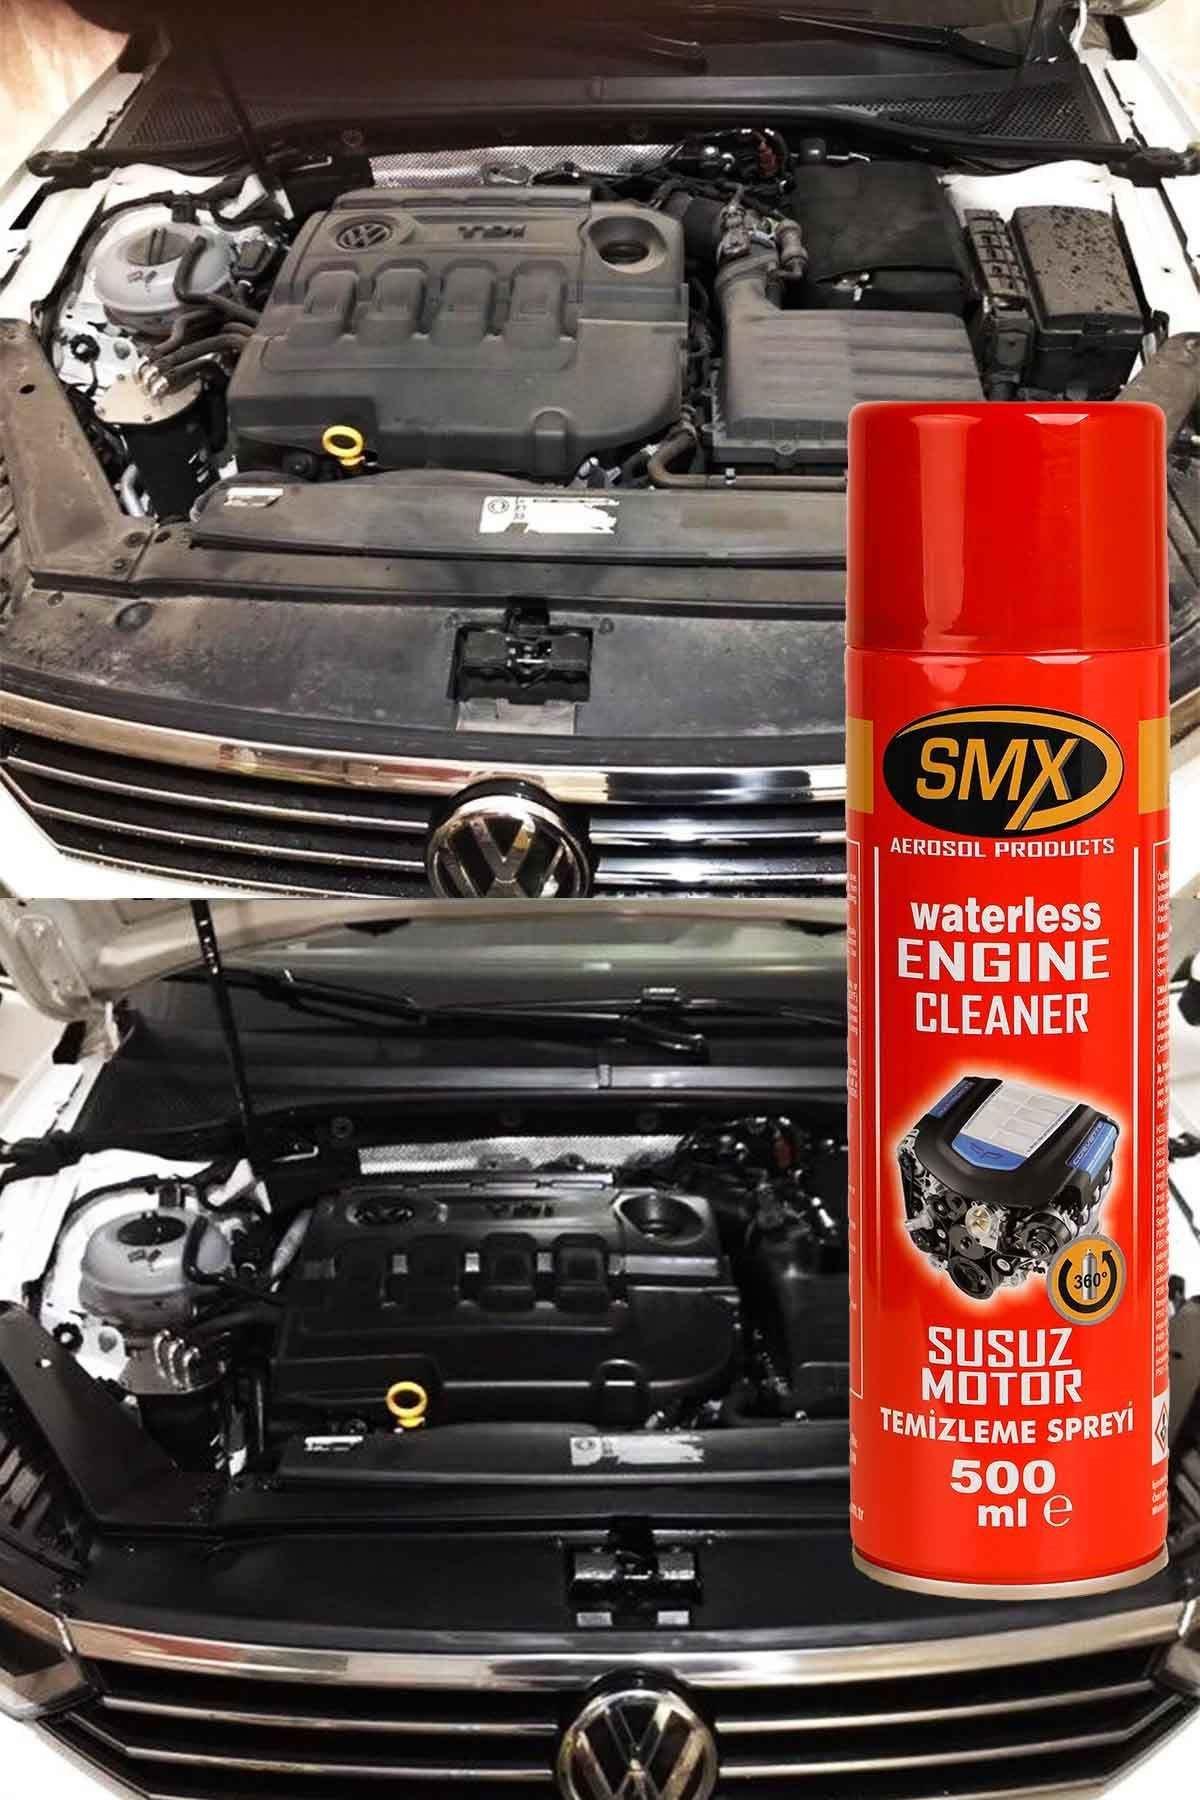 SMX Susuz Motor Temizleme Spreyi (500 ML)